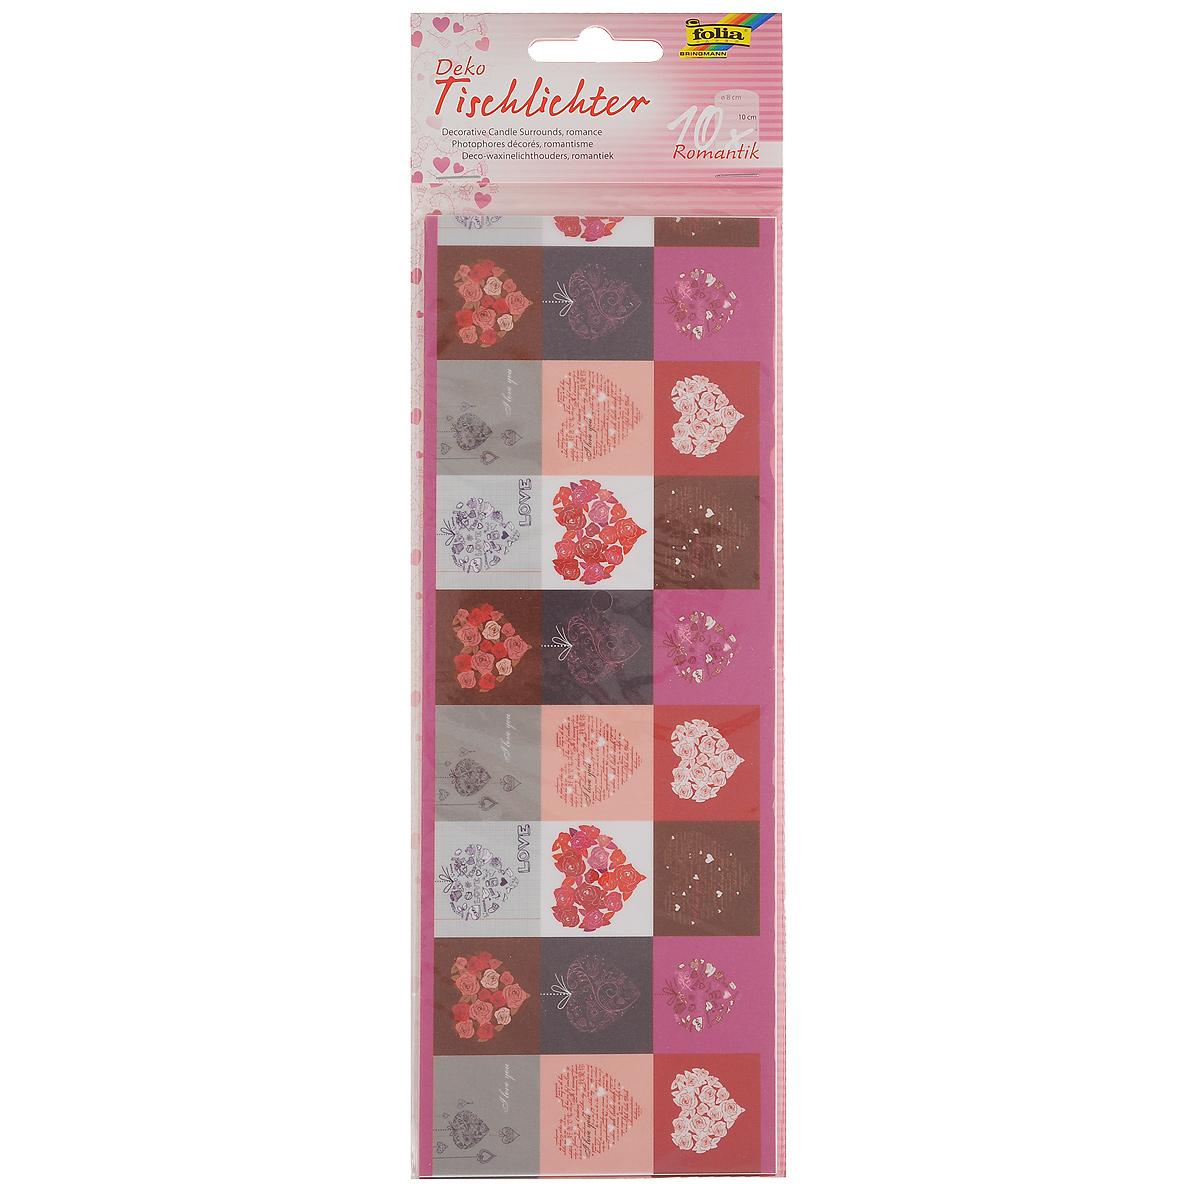 Бумага Folia Романтика для украшения свечей, 10 см х 27 см, 10 листов бумага папиросная folia 50 см х 70 см 10 листов 7708130